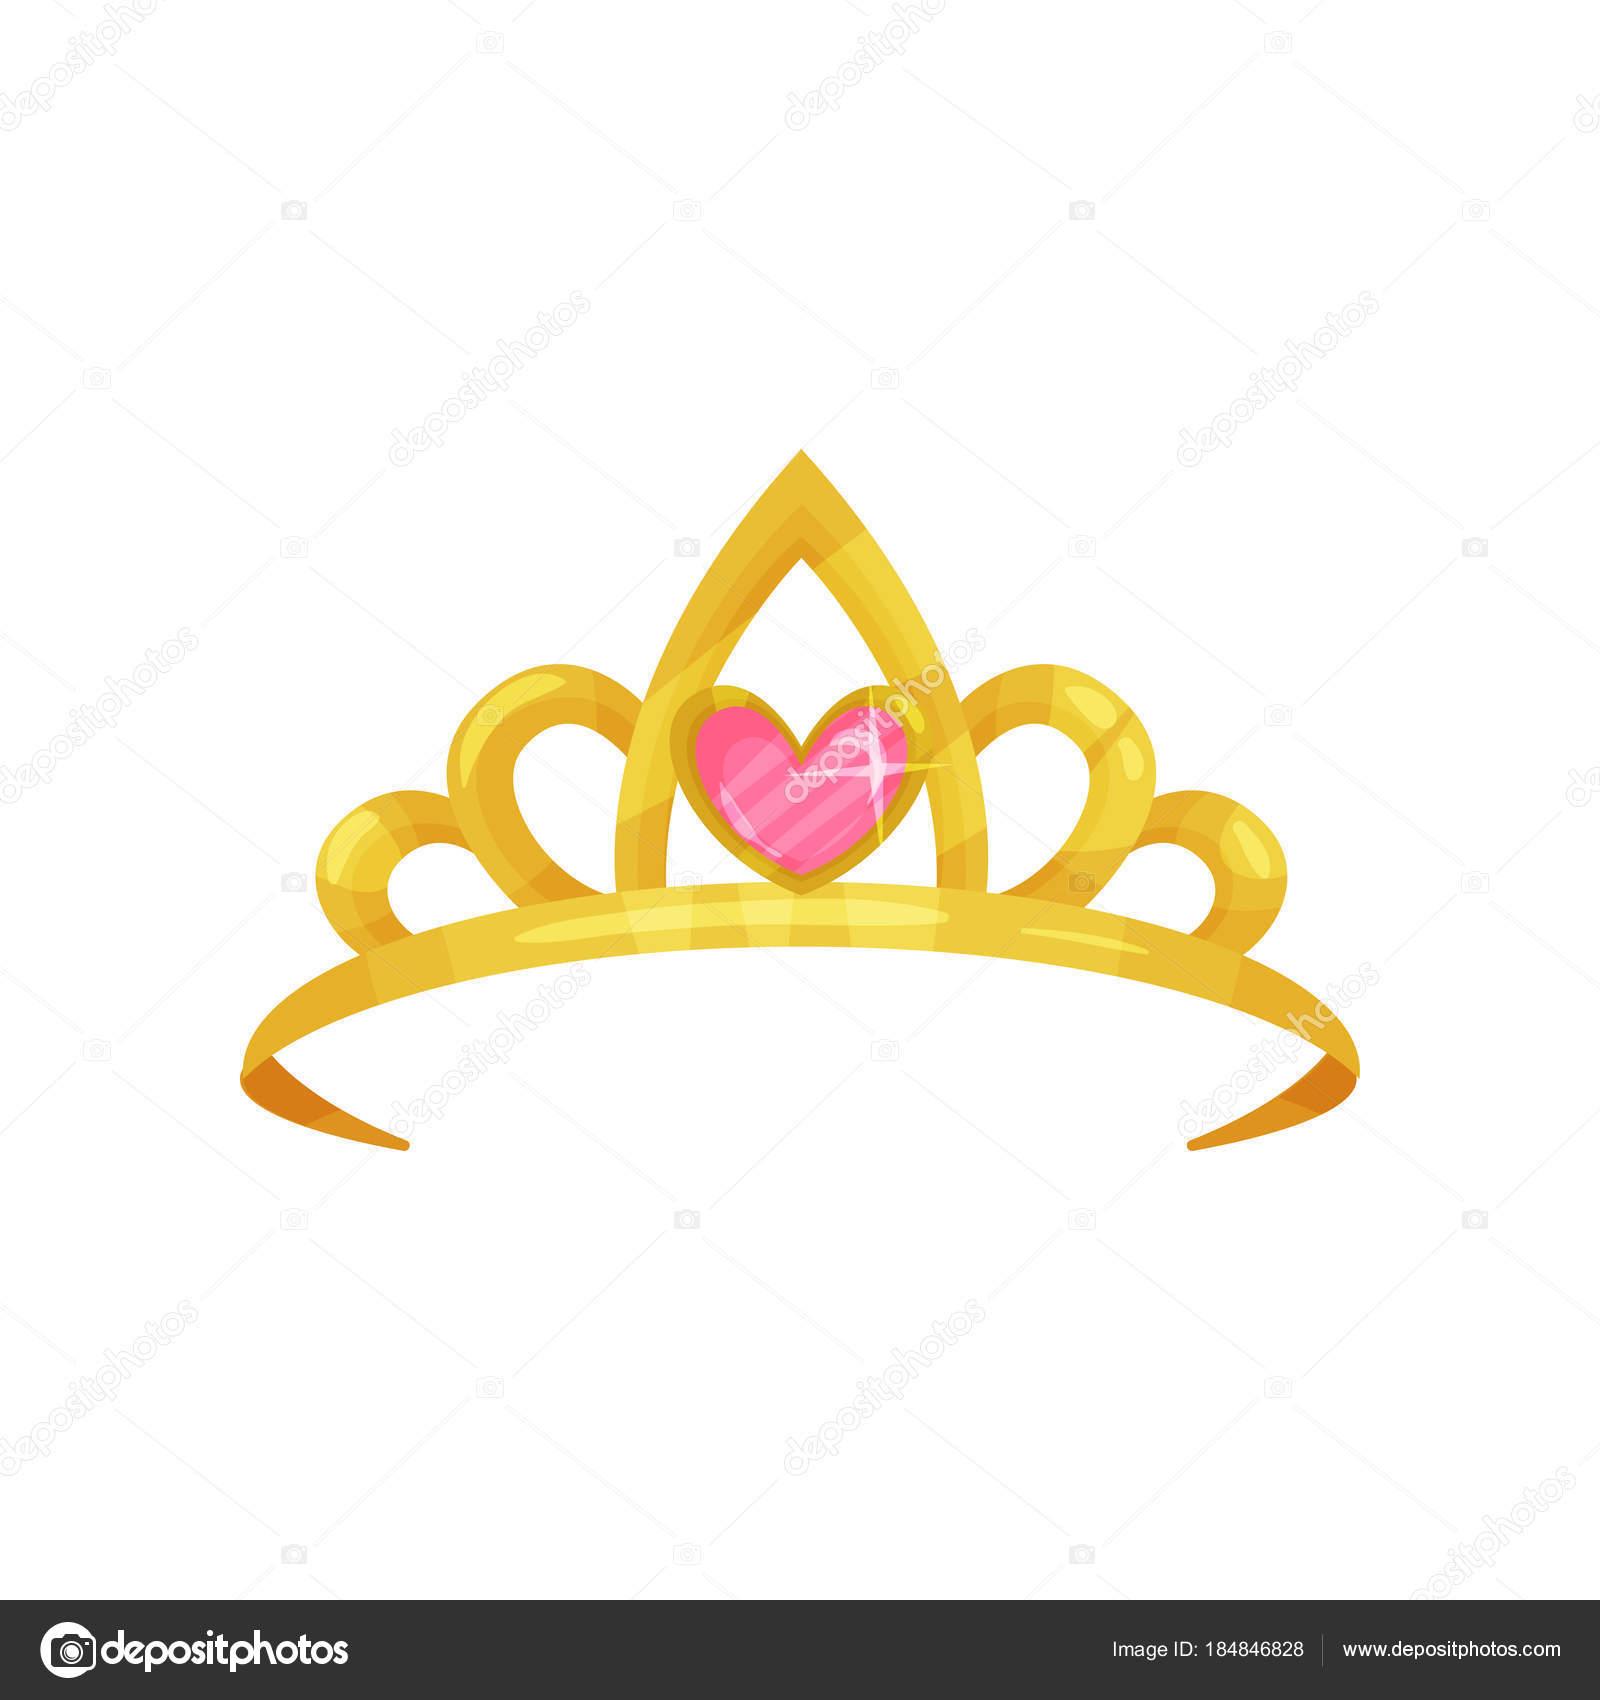 Dibujos Corona Princesas Icono De Dibujos Animados De Corona De